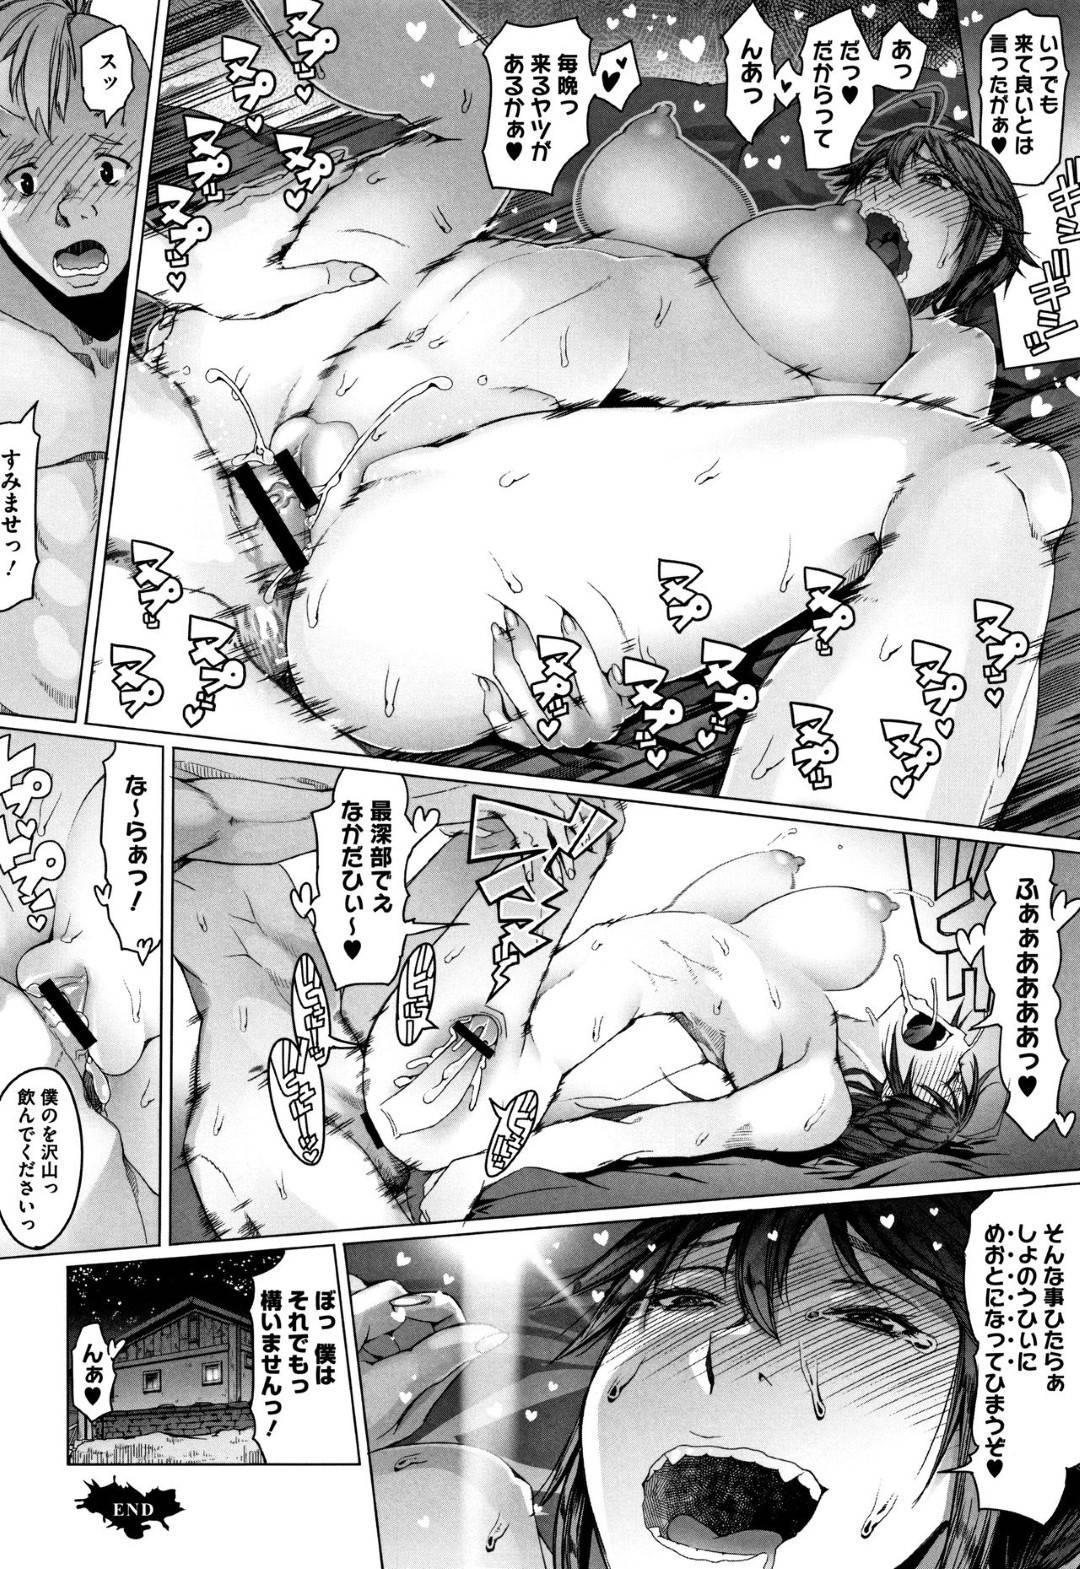 【エロ漫画】弱気なショタオークに根性をつけるため預かることになった巨乳団長…数か月の訓練でも弱気腰な部分が出てしまい雄としての自信を付けさせるために異種姦セックス!【朝木貴行:ホワイトオークと白警団長さん】